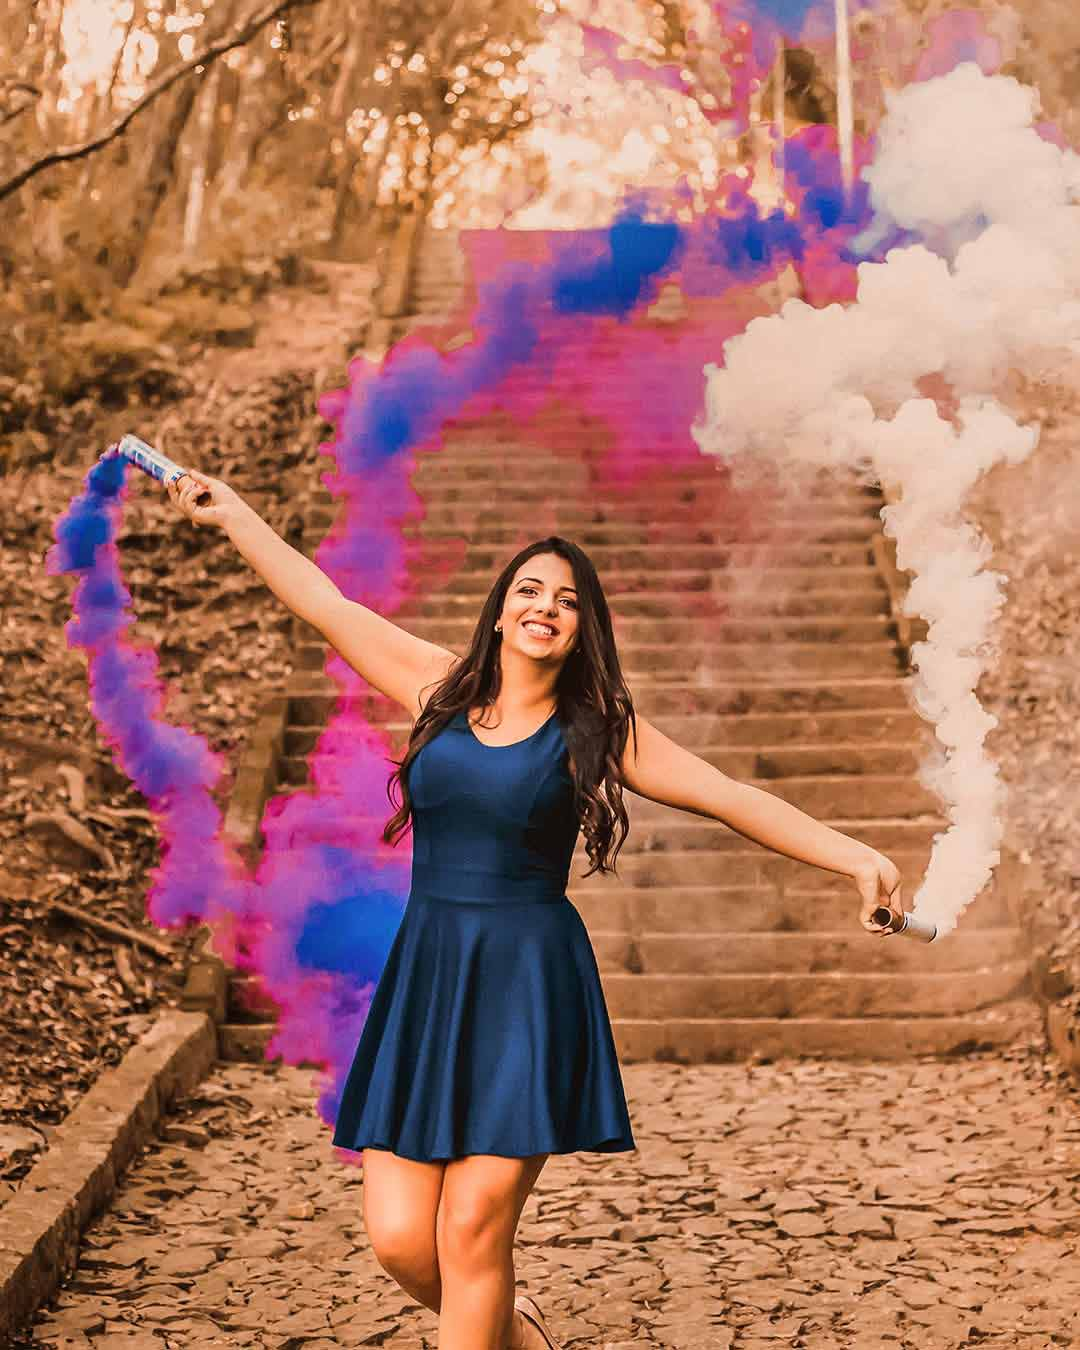 ensaio 15 anos com fumaca colorida rosa e azul